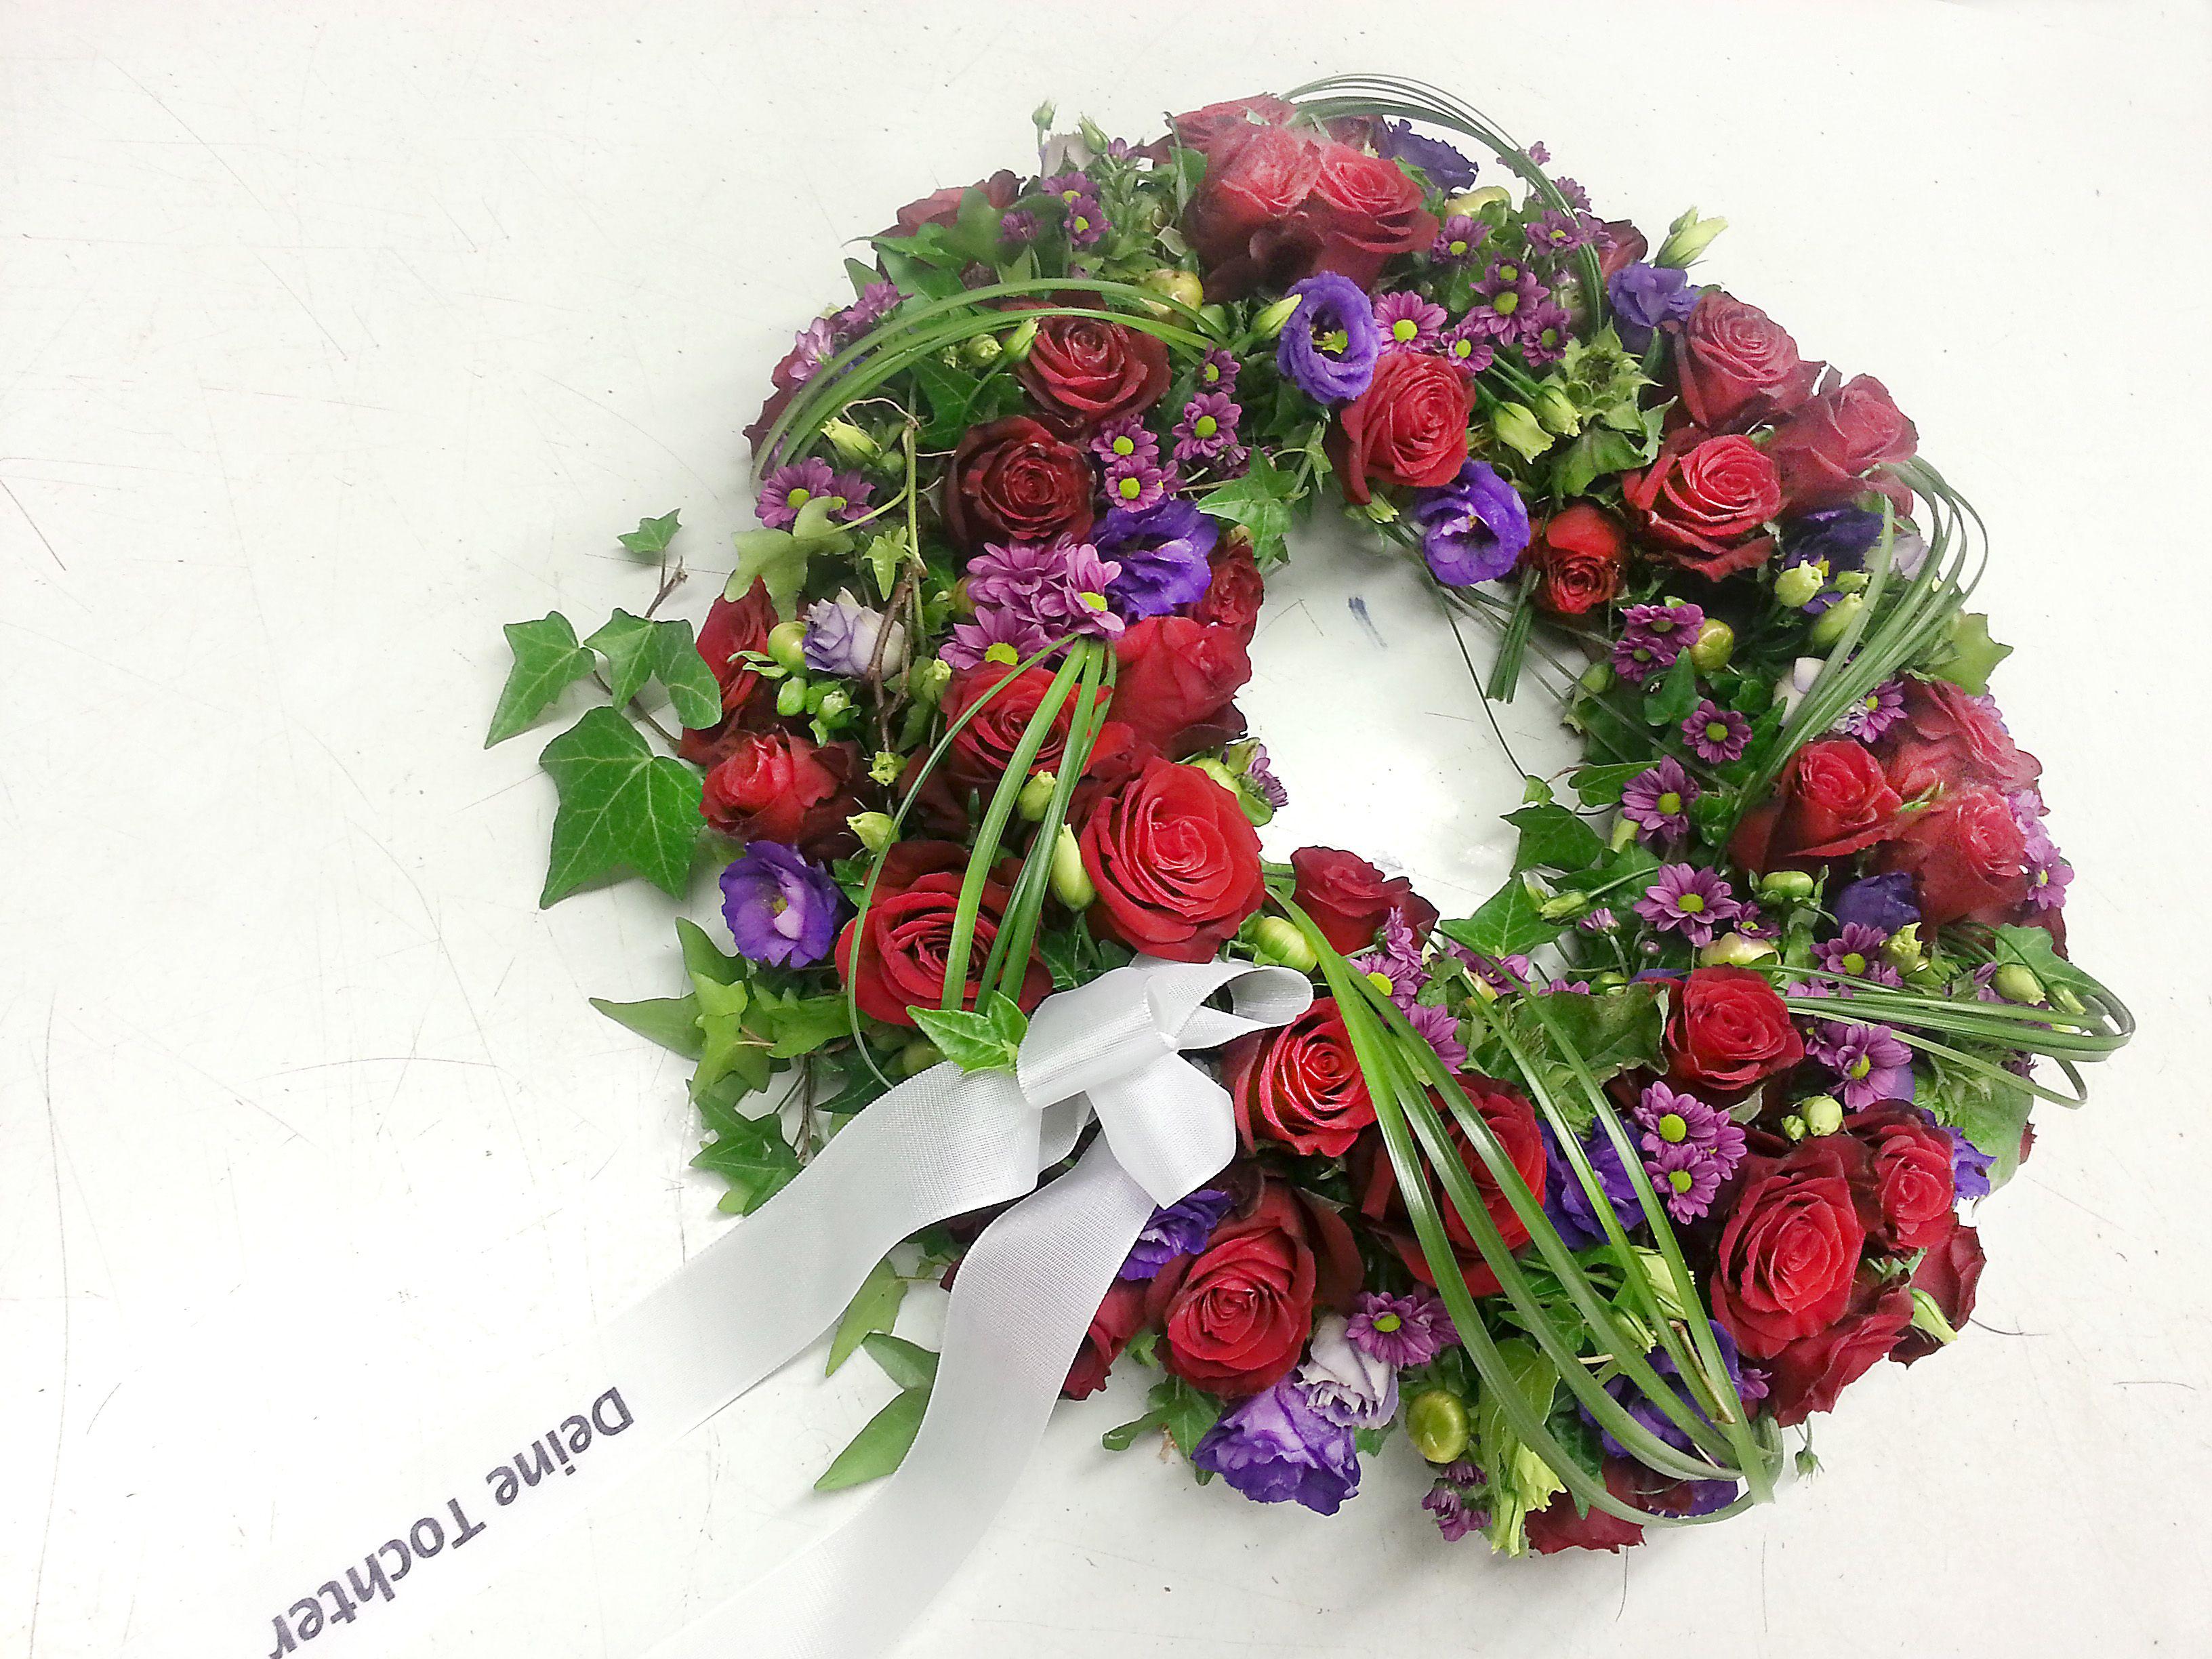 f r die liebste mama zum abschied kranz trauer abschied rosen floristik kr nze und herzen. Black Bedroom Furniture Sets. Home Design Ideas